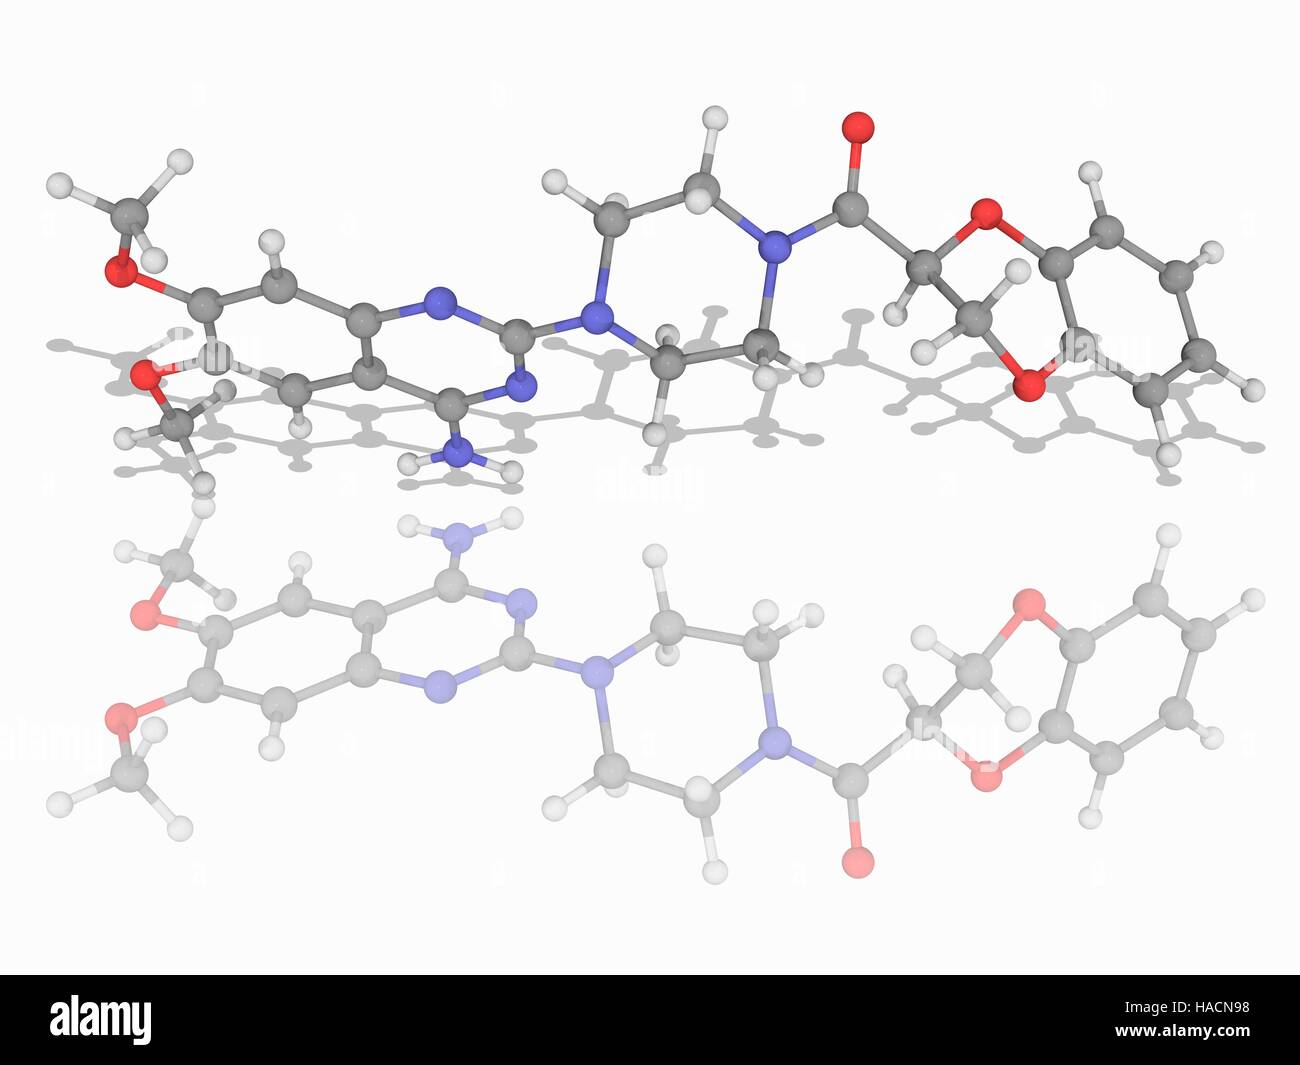 doxycycline vs malarone